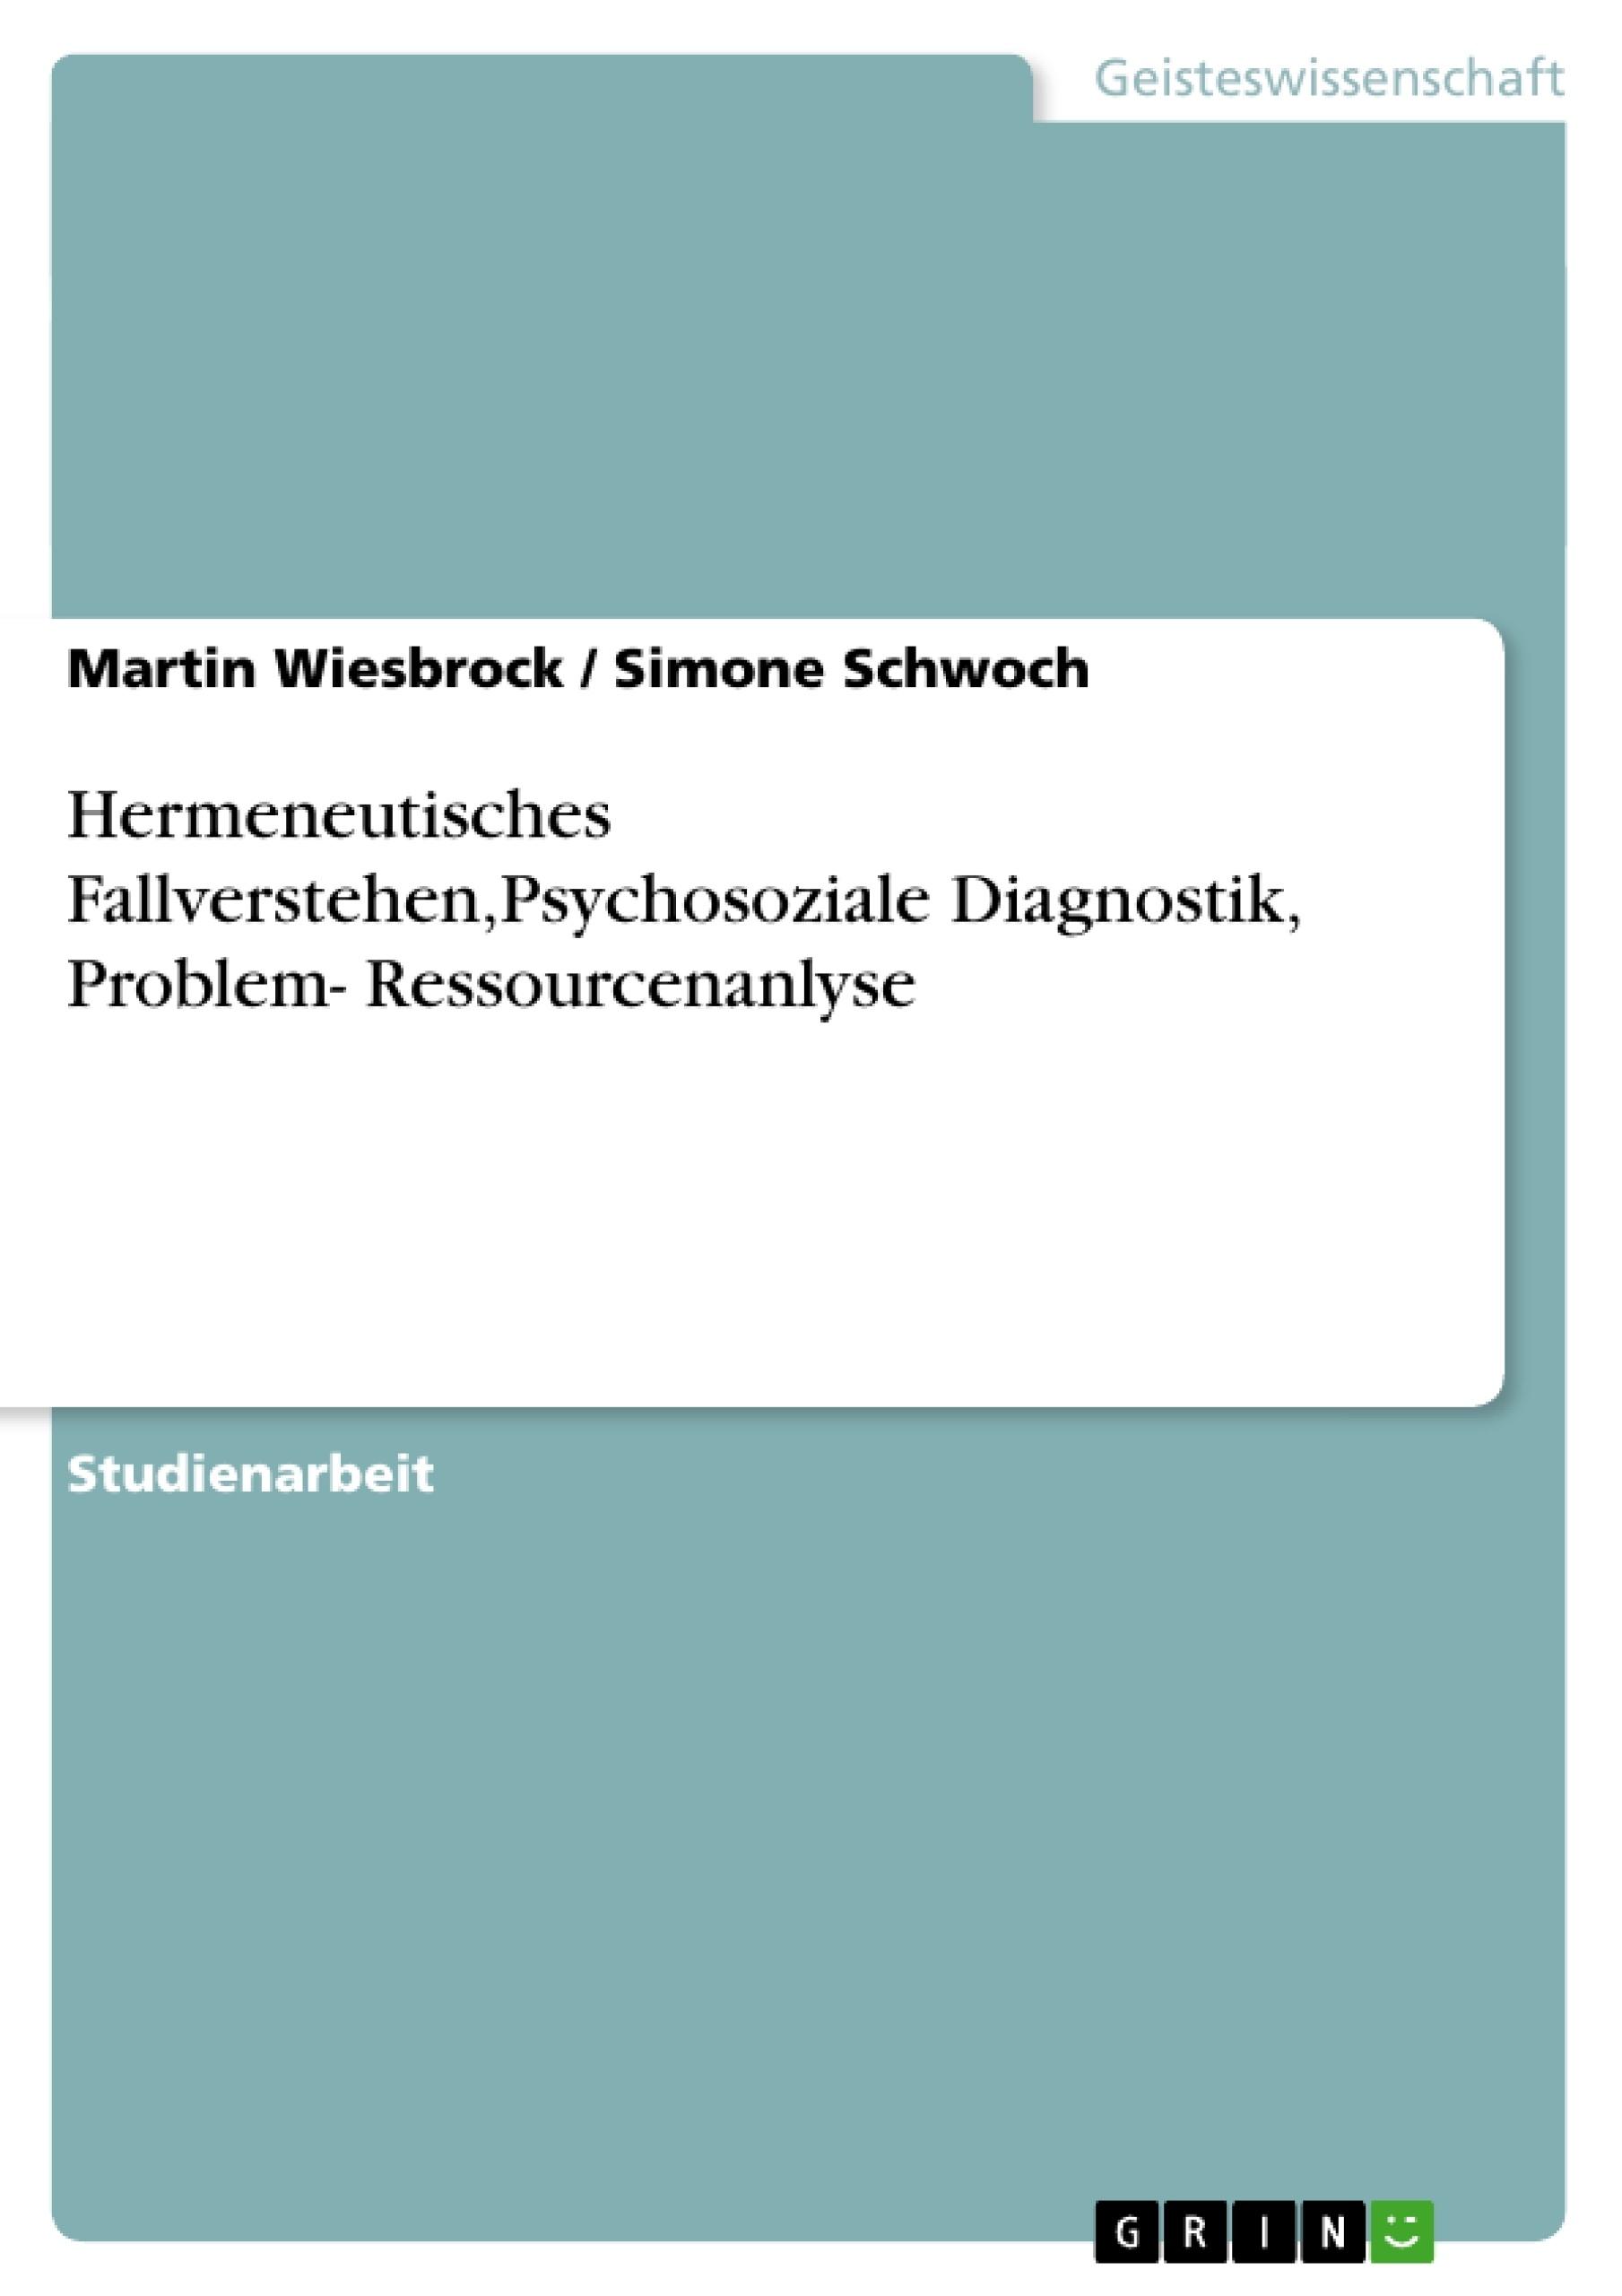 Titel: Hermeneutisches Fallverstehen,Psychosoziale Diagnostik, Problem- Ressourcenanlyse